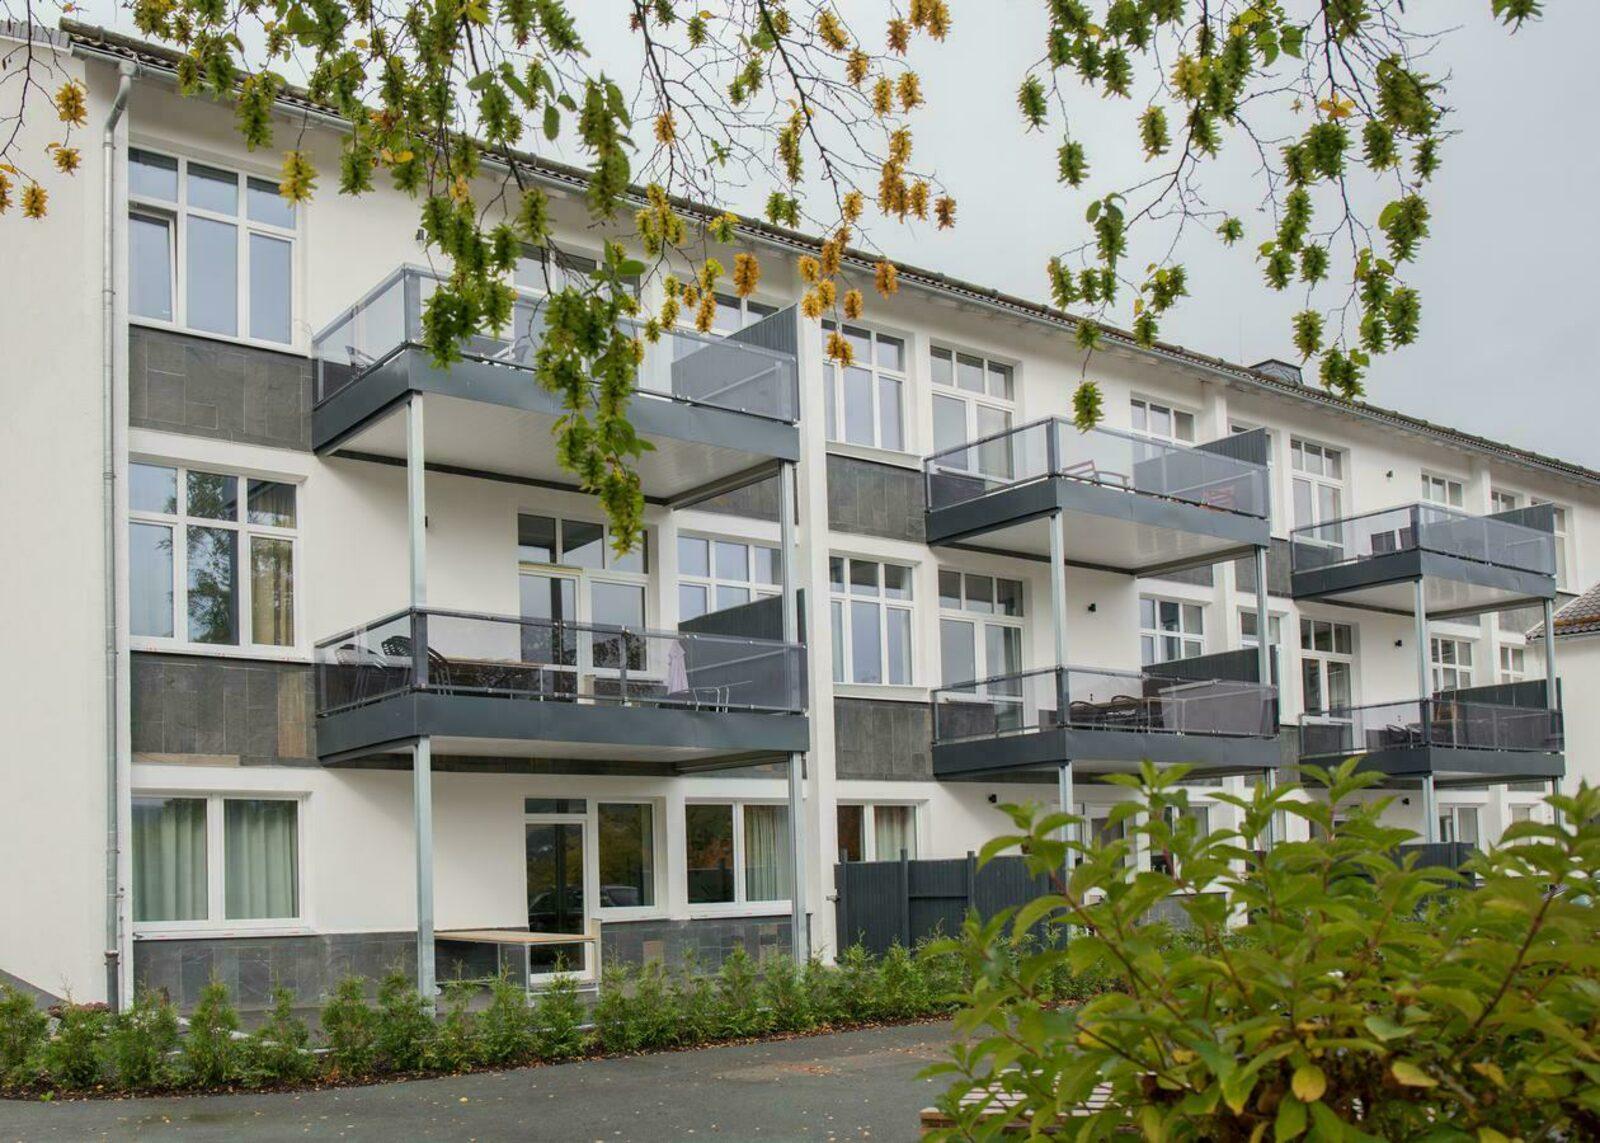 Appartement - Dechandt-Dobbererstrasse 13   Winterberg-Zuschen 'Der Alte Schule'